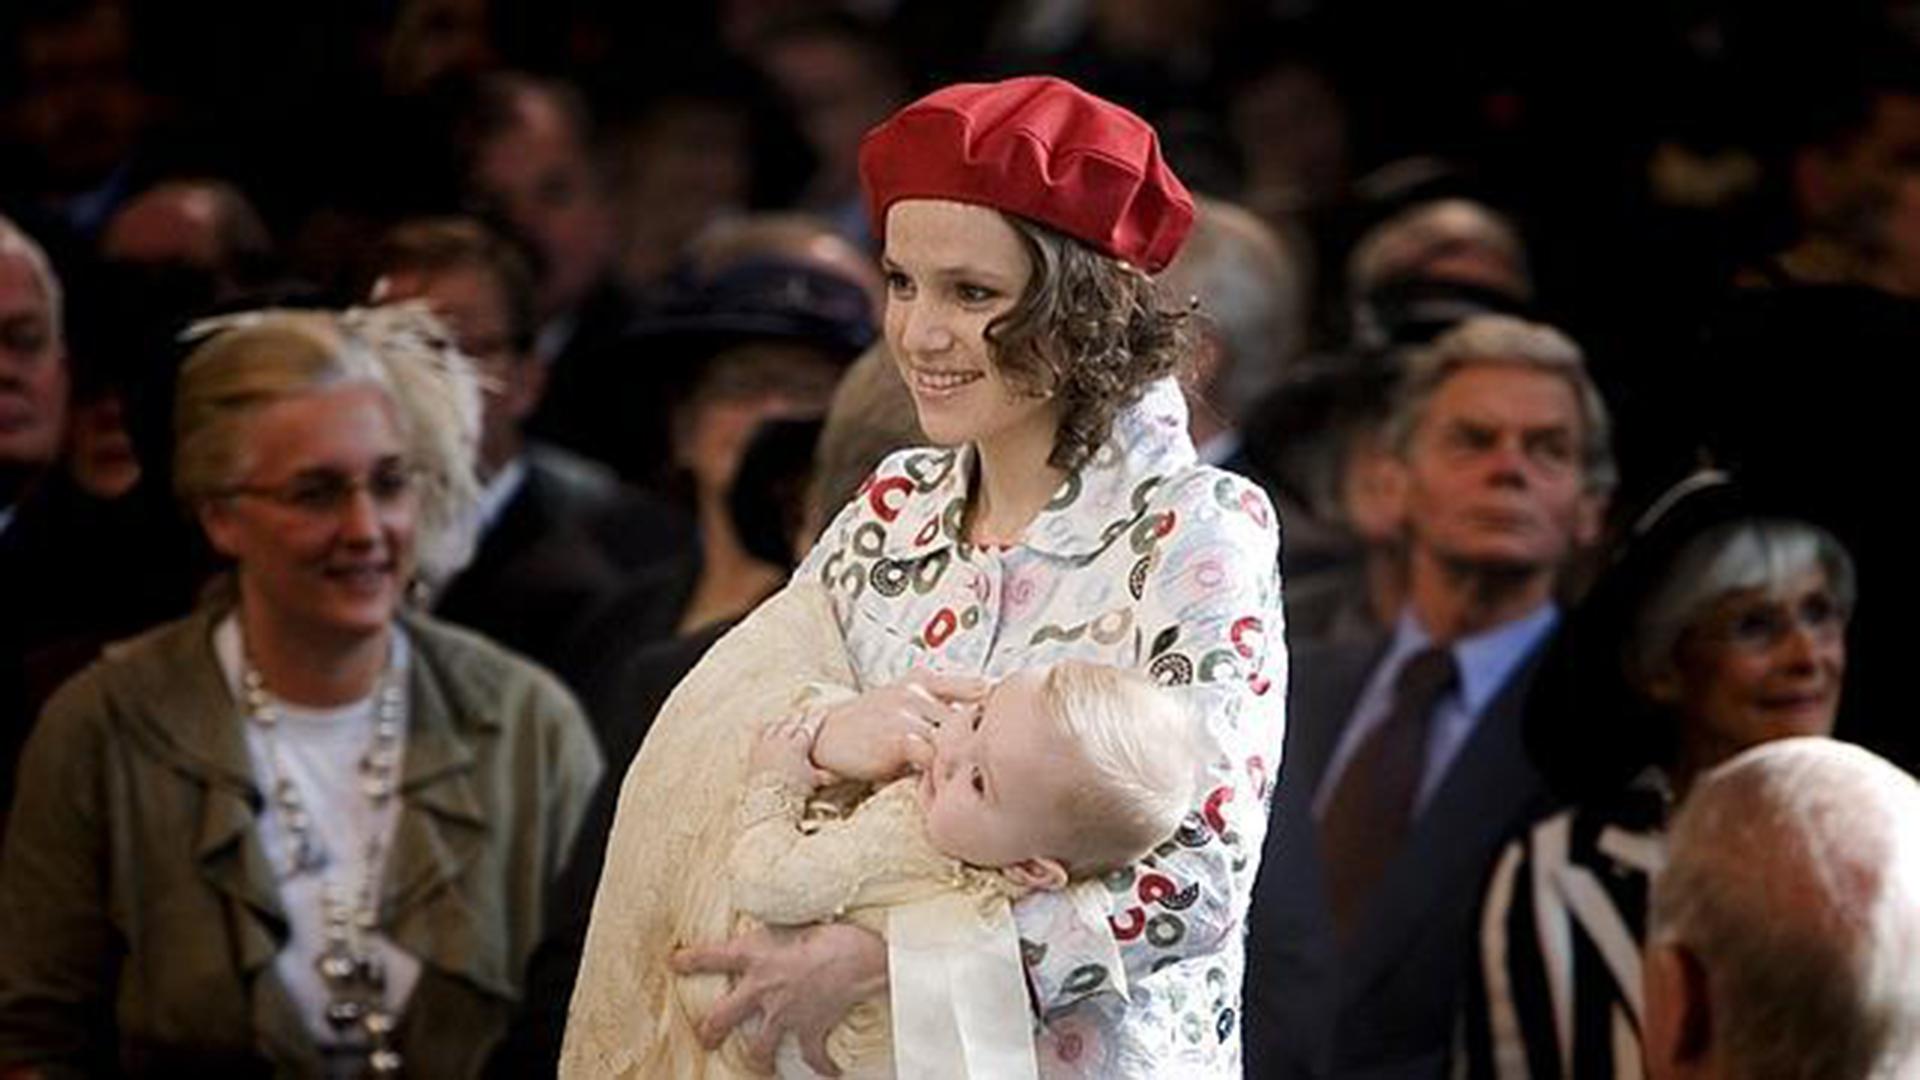 Cuando nació Ariadna Guillermina Máxima Inés -el 10 de abril de 2007-, Máxima eligió a su hermana menor como madrina de su tercera hija. La felicidad de Inesita fue total